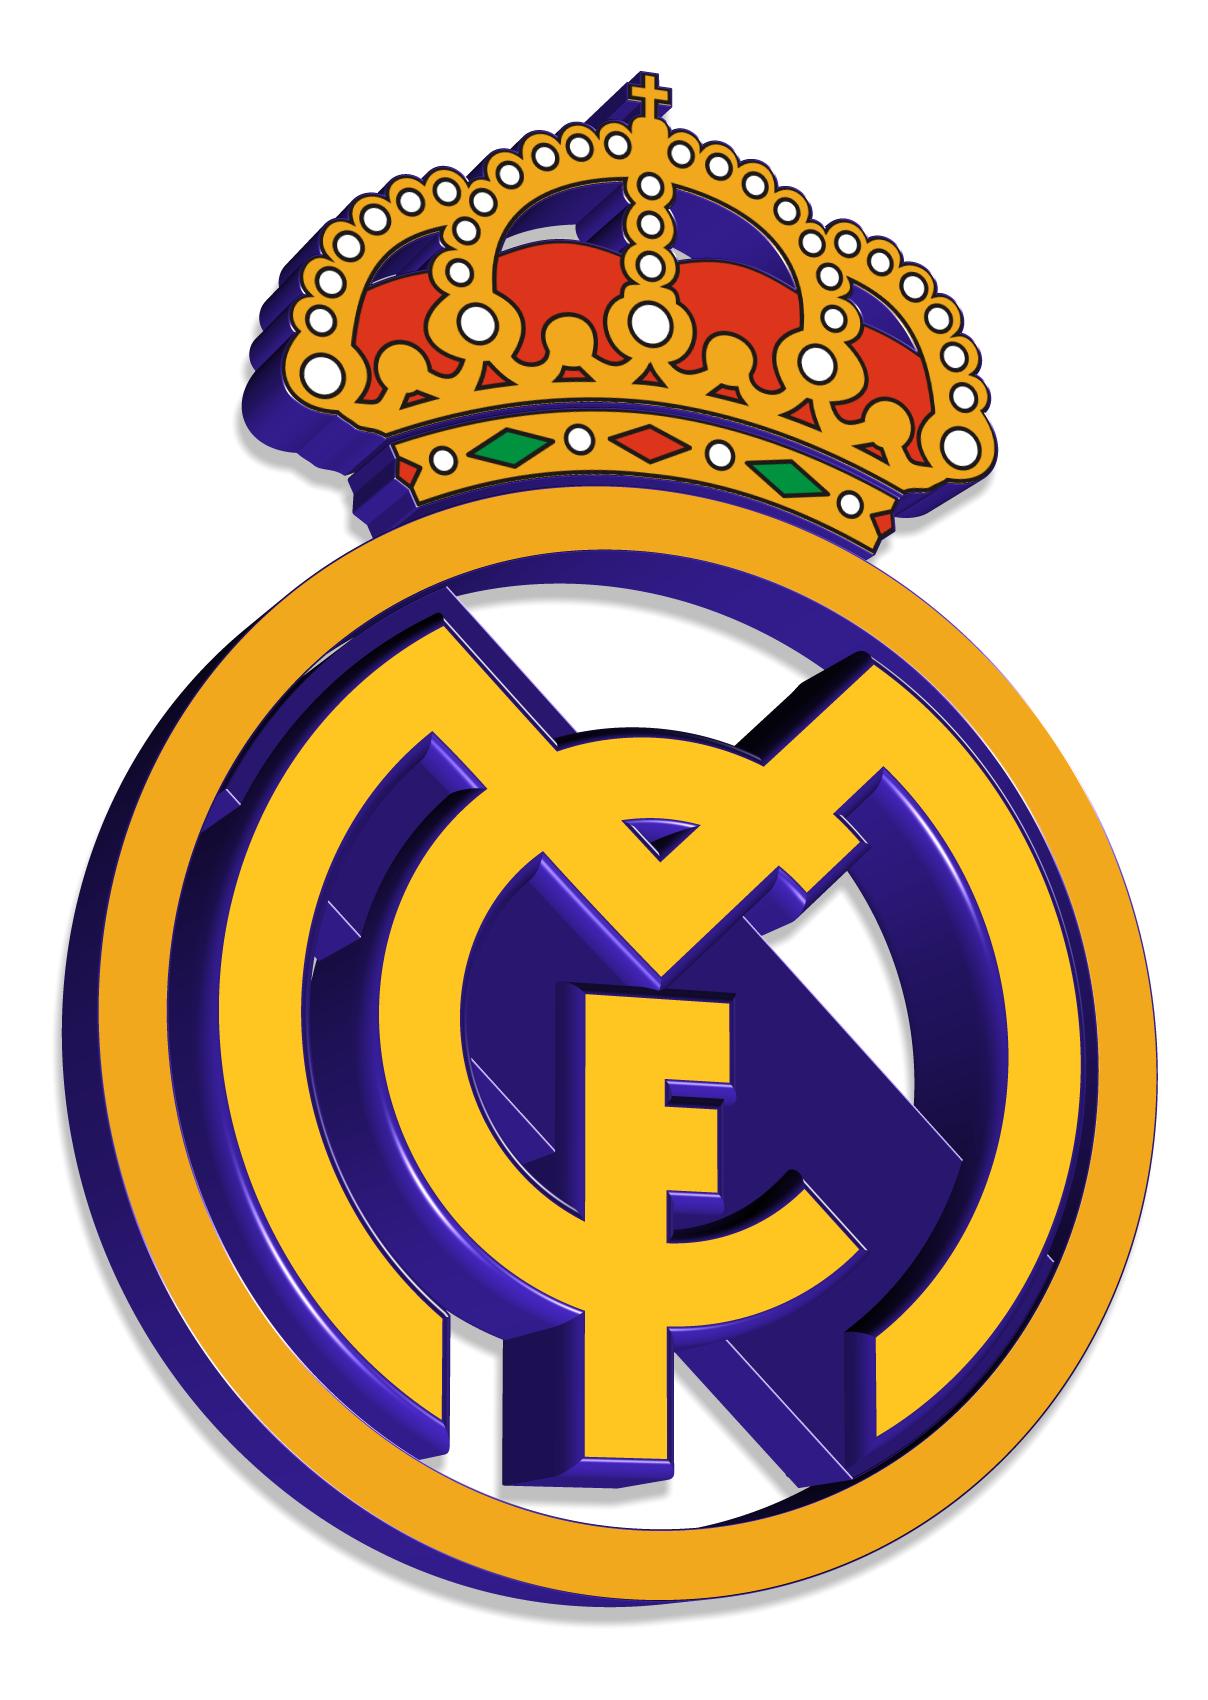 Real Madrid logo 3D Wallpaper